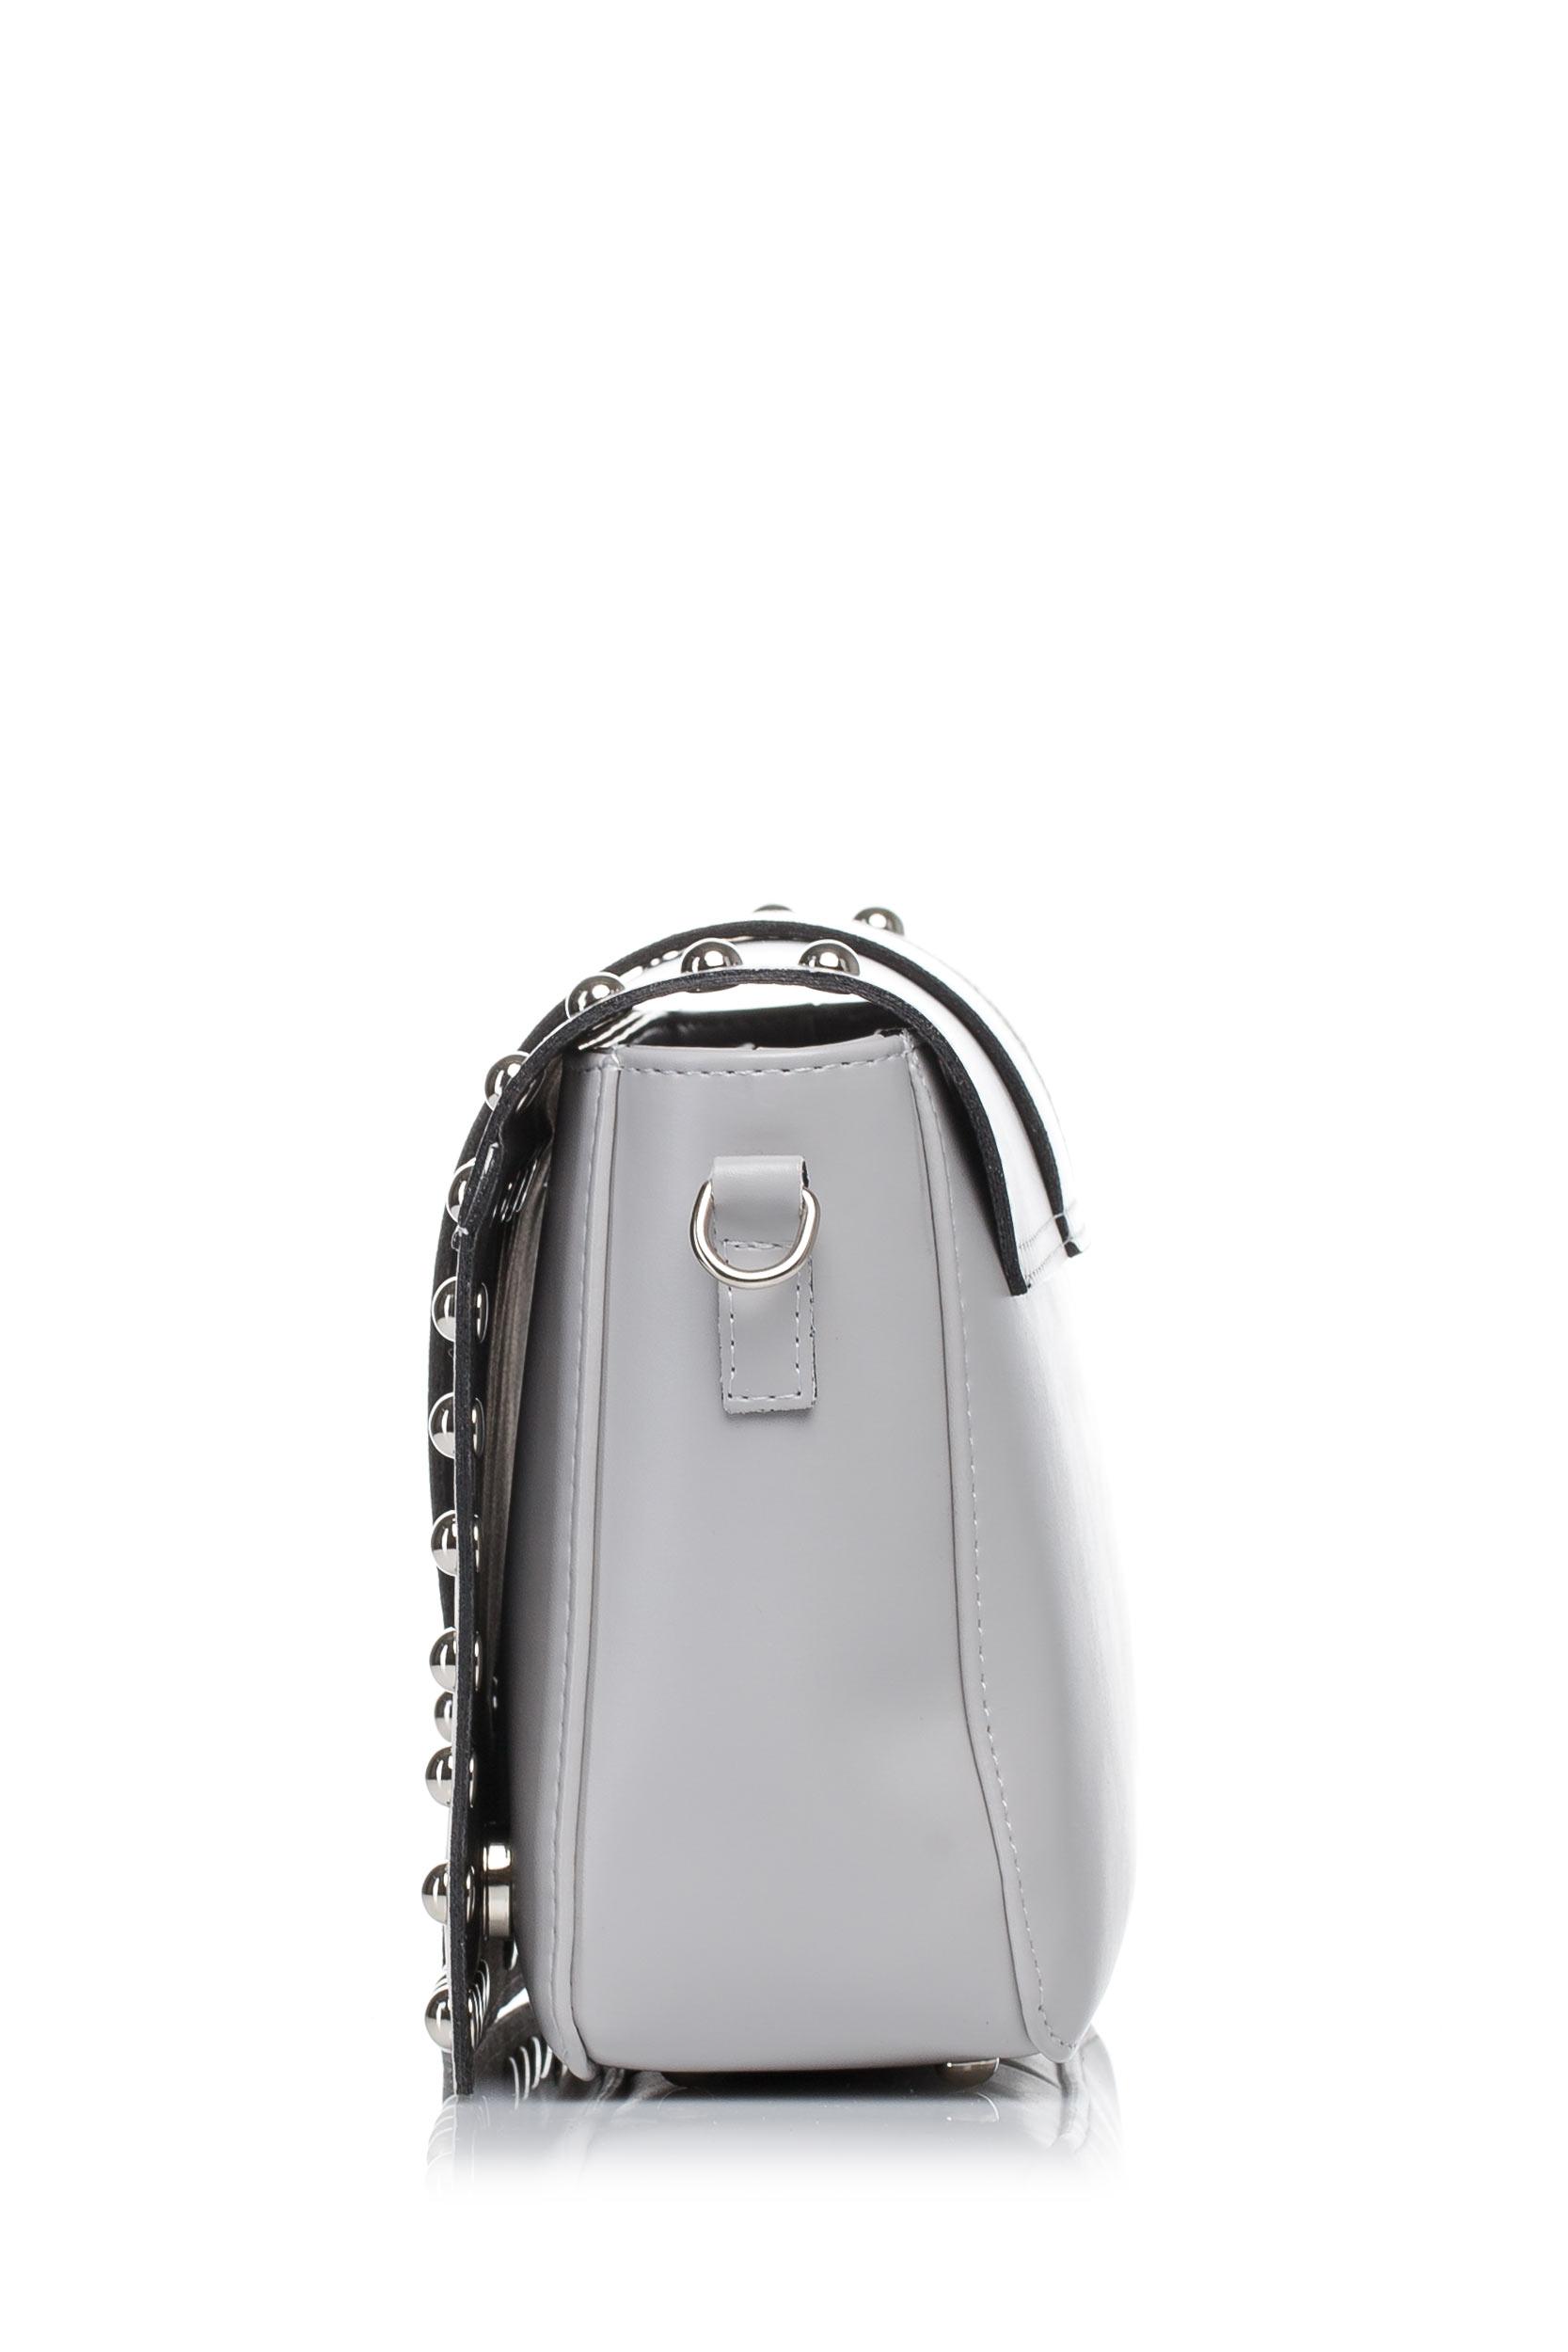 CM3575 Damska torebka z ozdobnymi nitami - szara